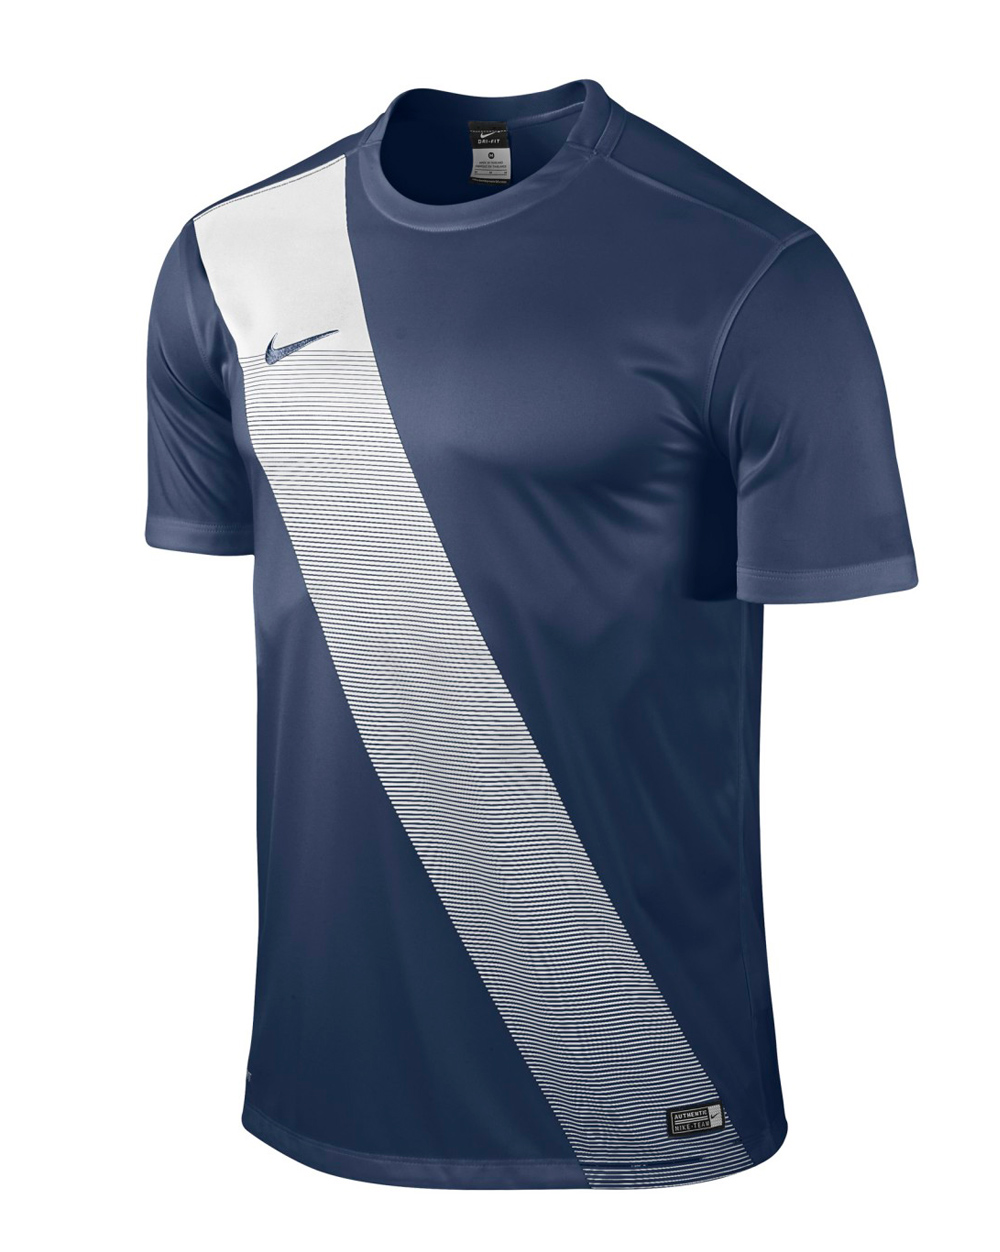 Y Sash Nike Azul Camiseta Blanco bY7gf6y